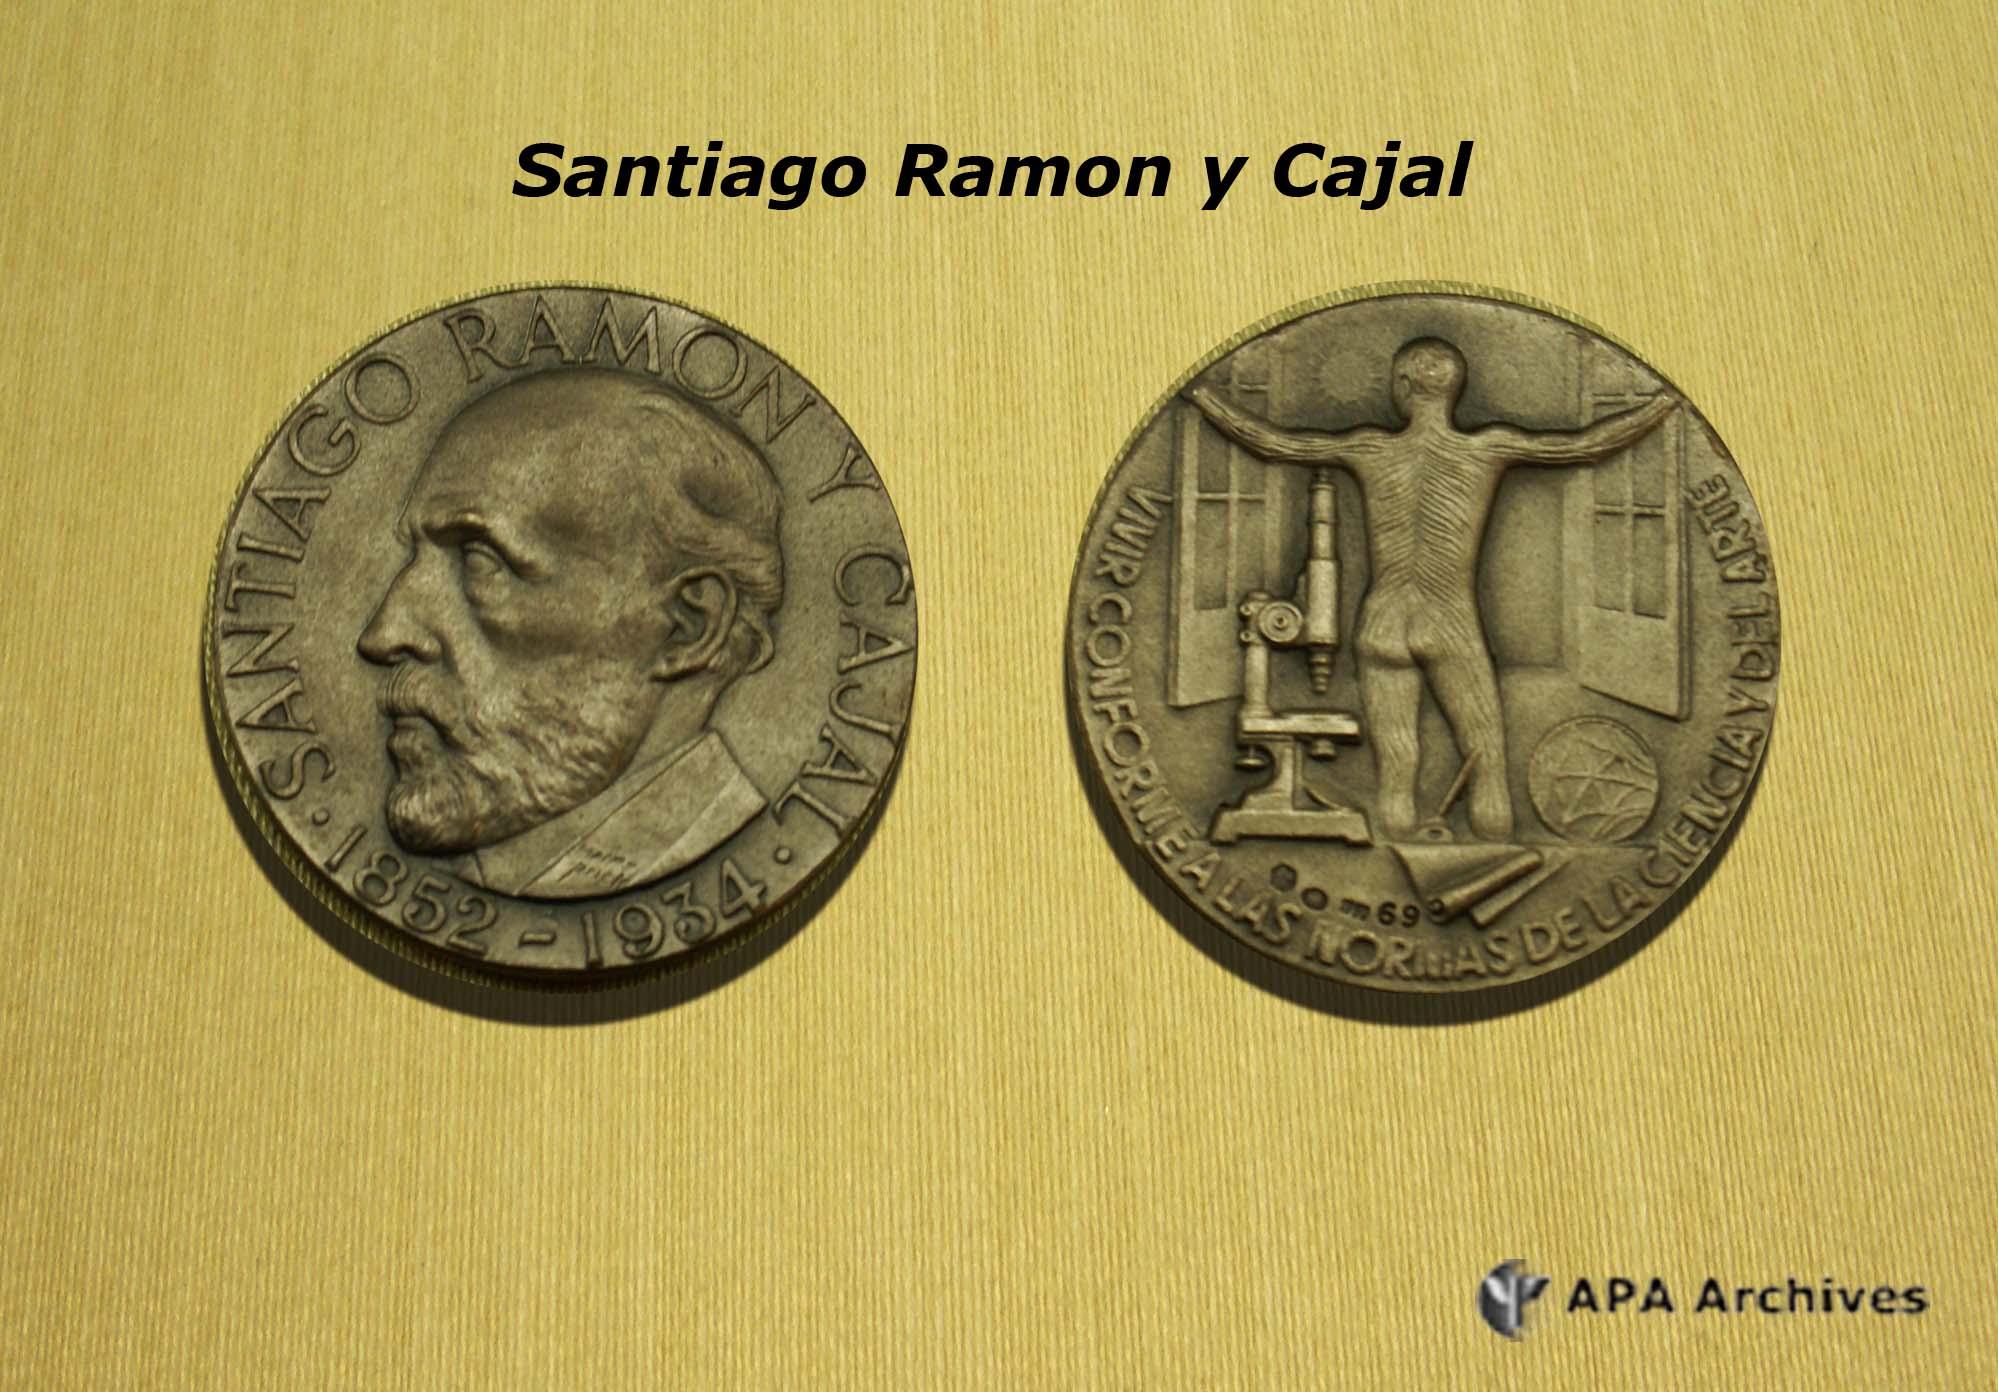 Ramon y cajal santiago 1980